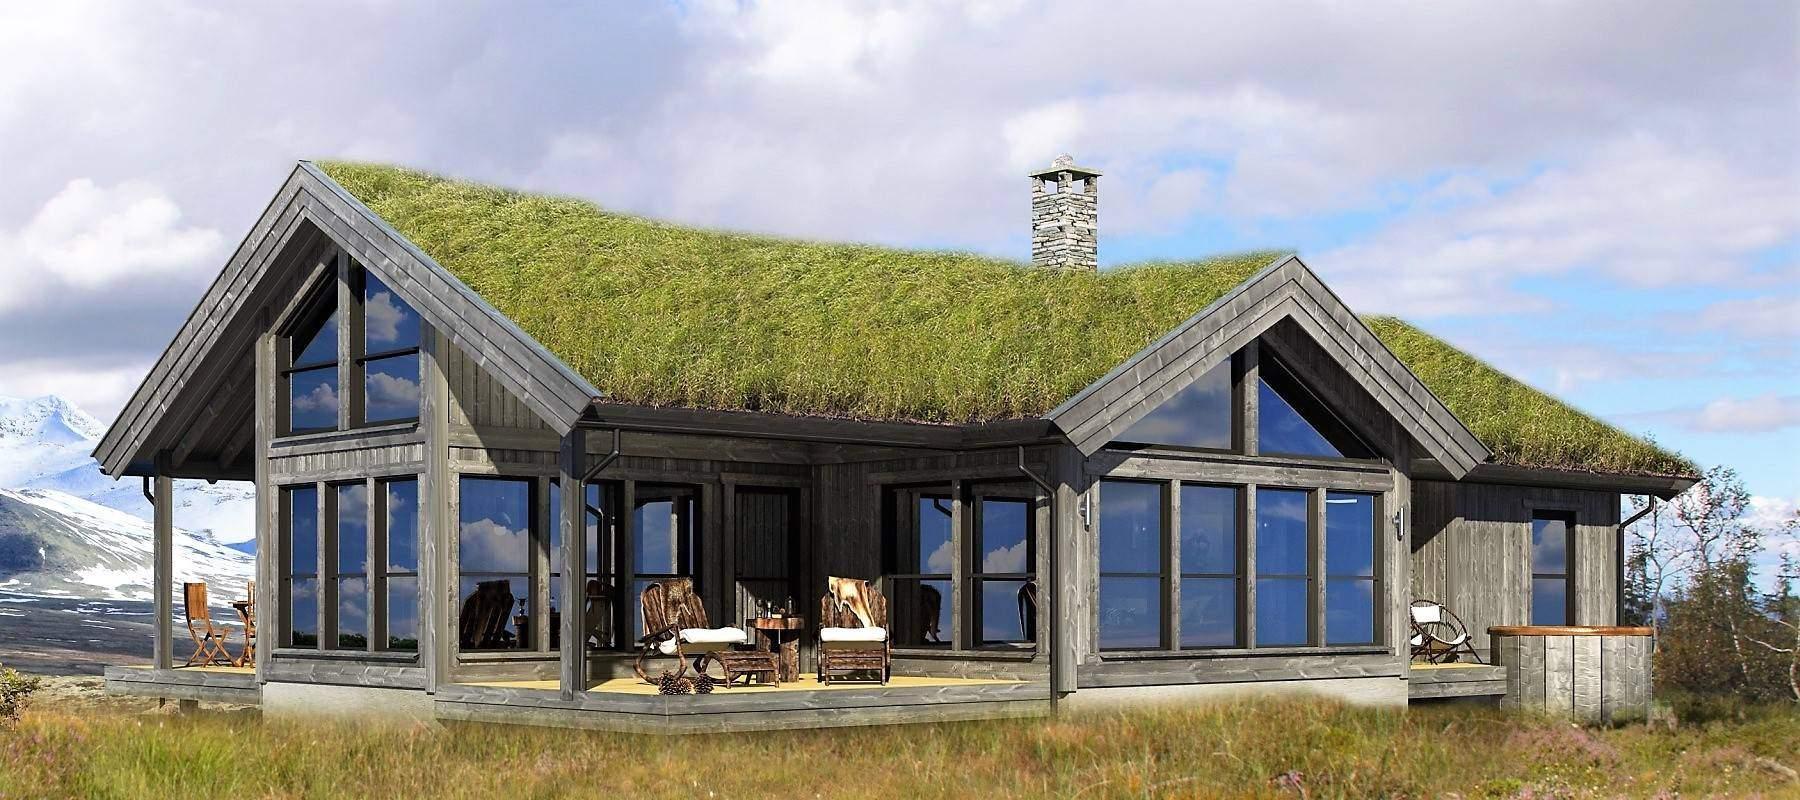 210 Hyttemodell Strynsfjell 120